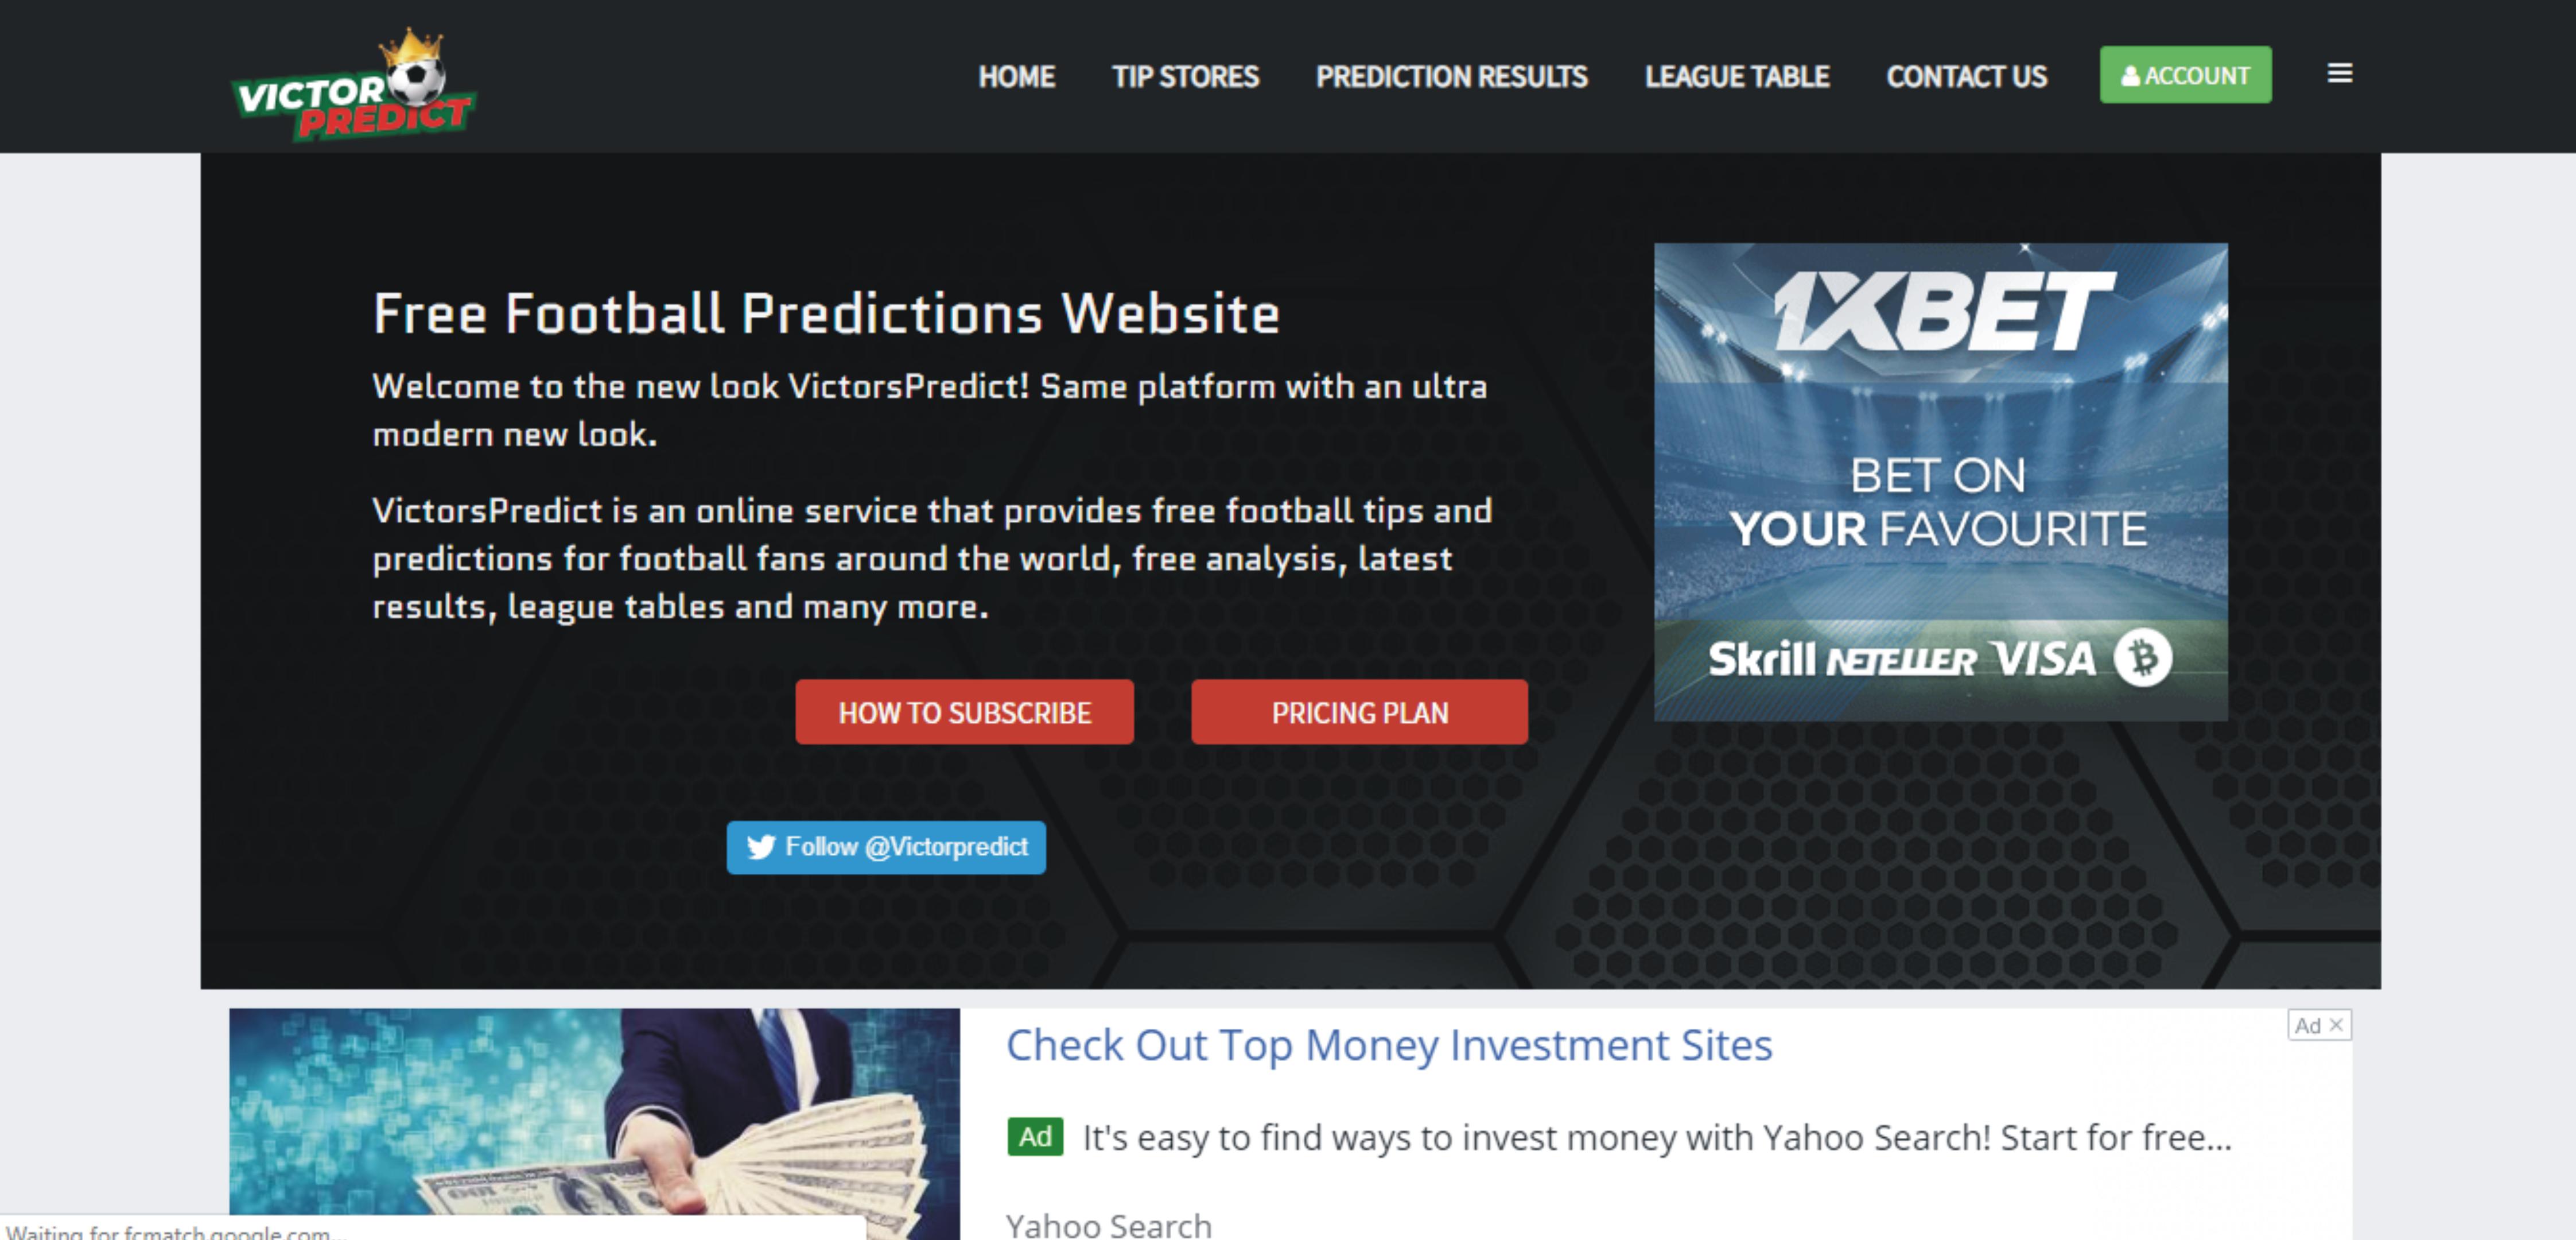 Victors Predict - Website Design, Web and Mobile